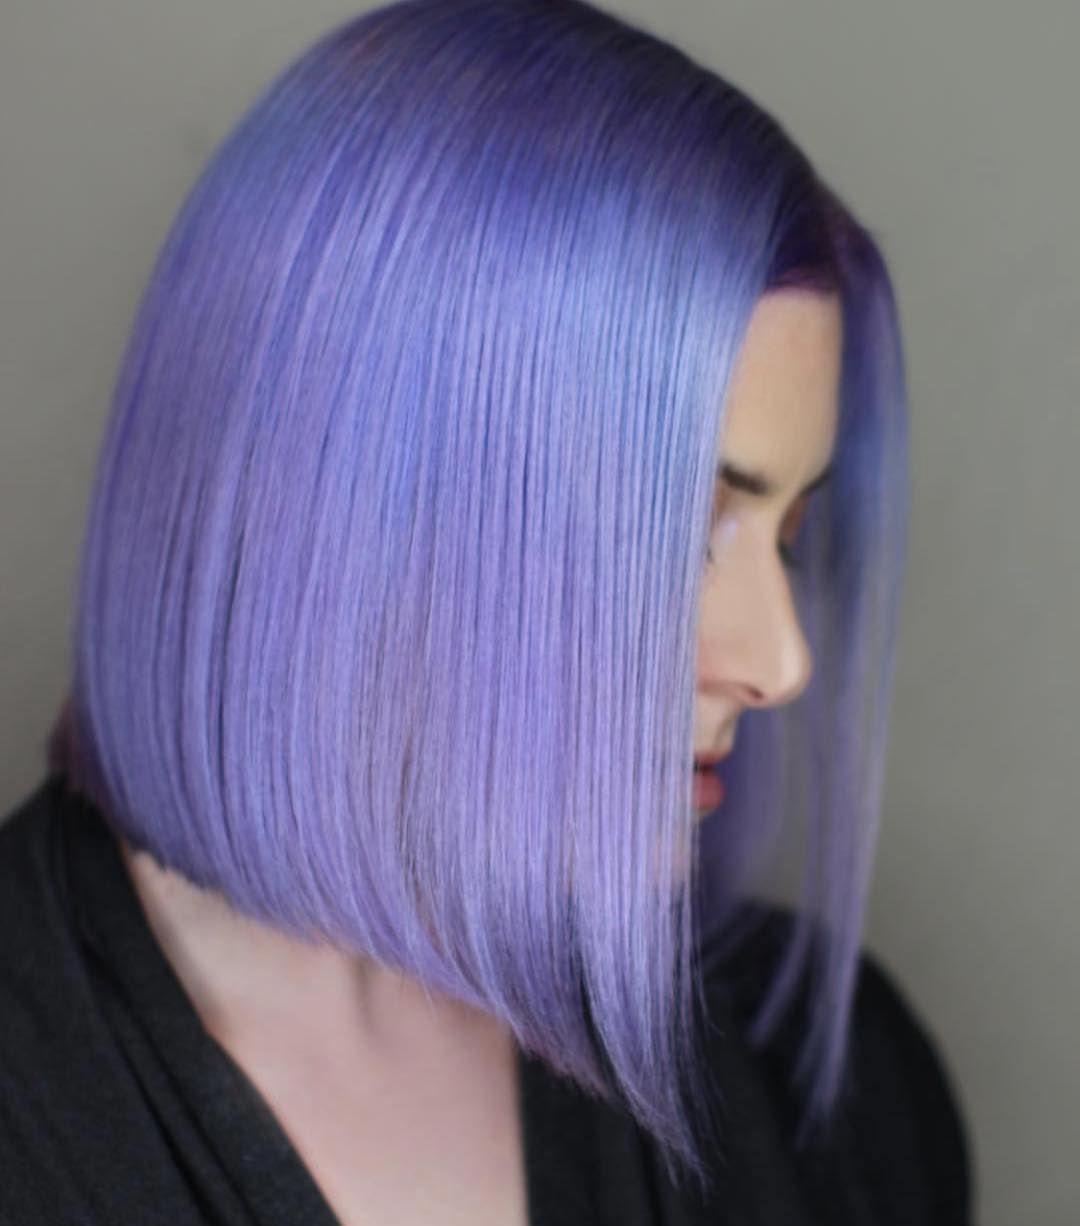 Pulp riot väri hairflipmillie pulpriothair pulpriot frameda